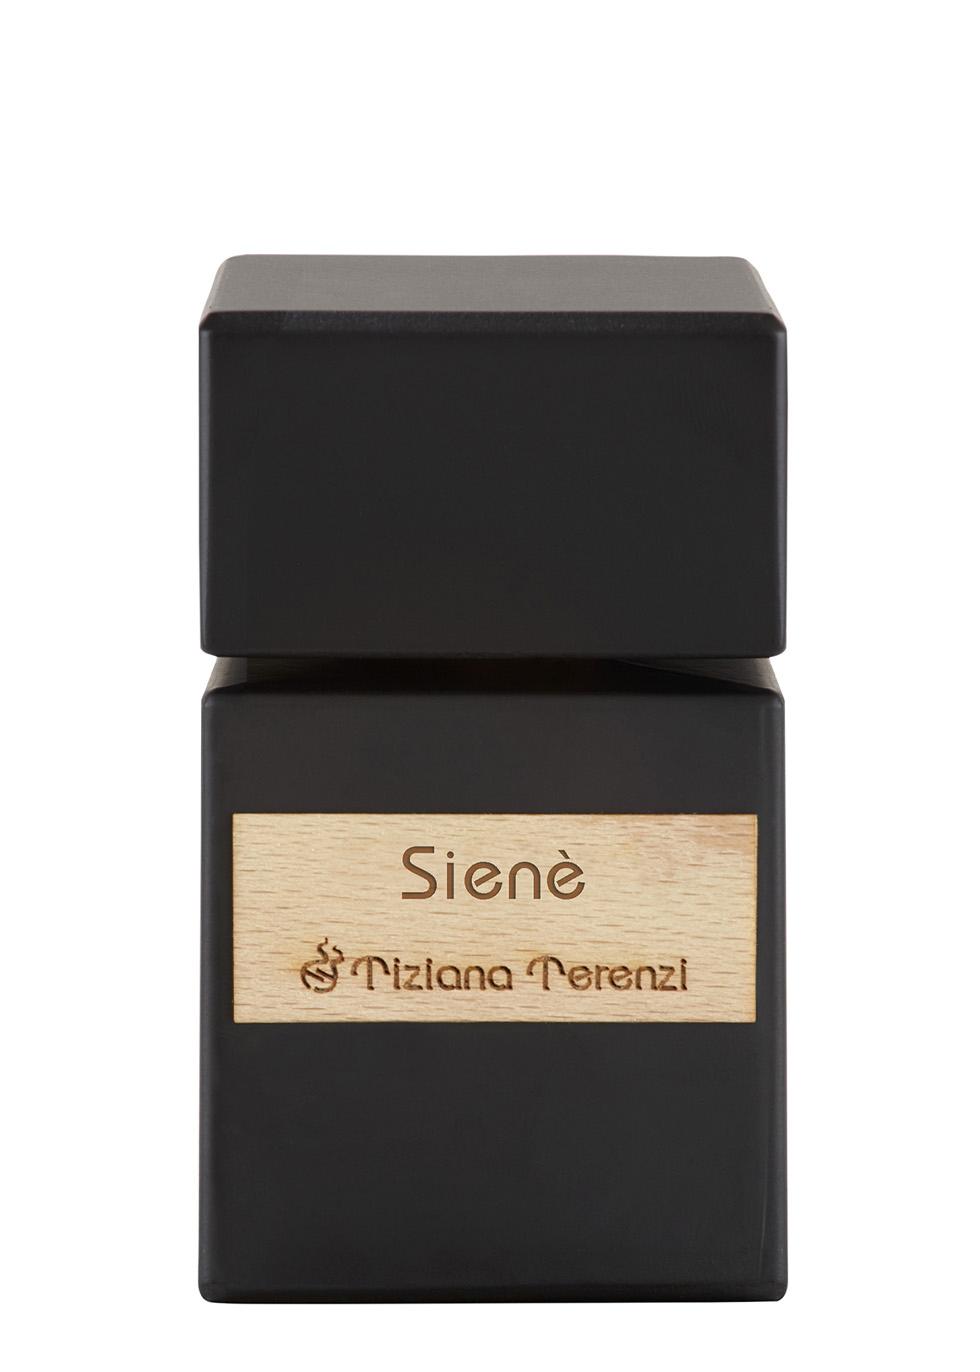 Siené Extrait De Parfum 100ml